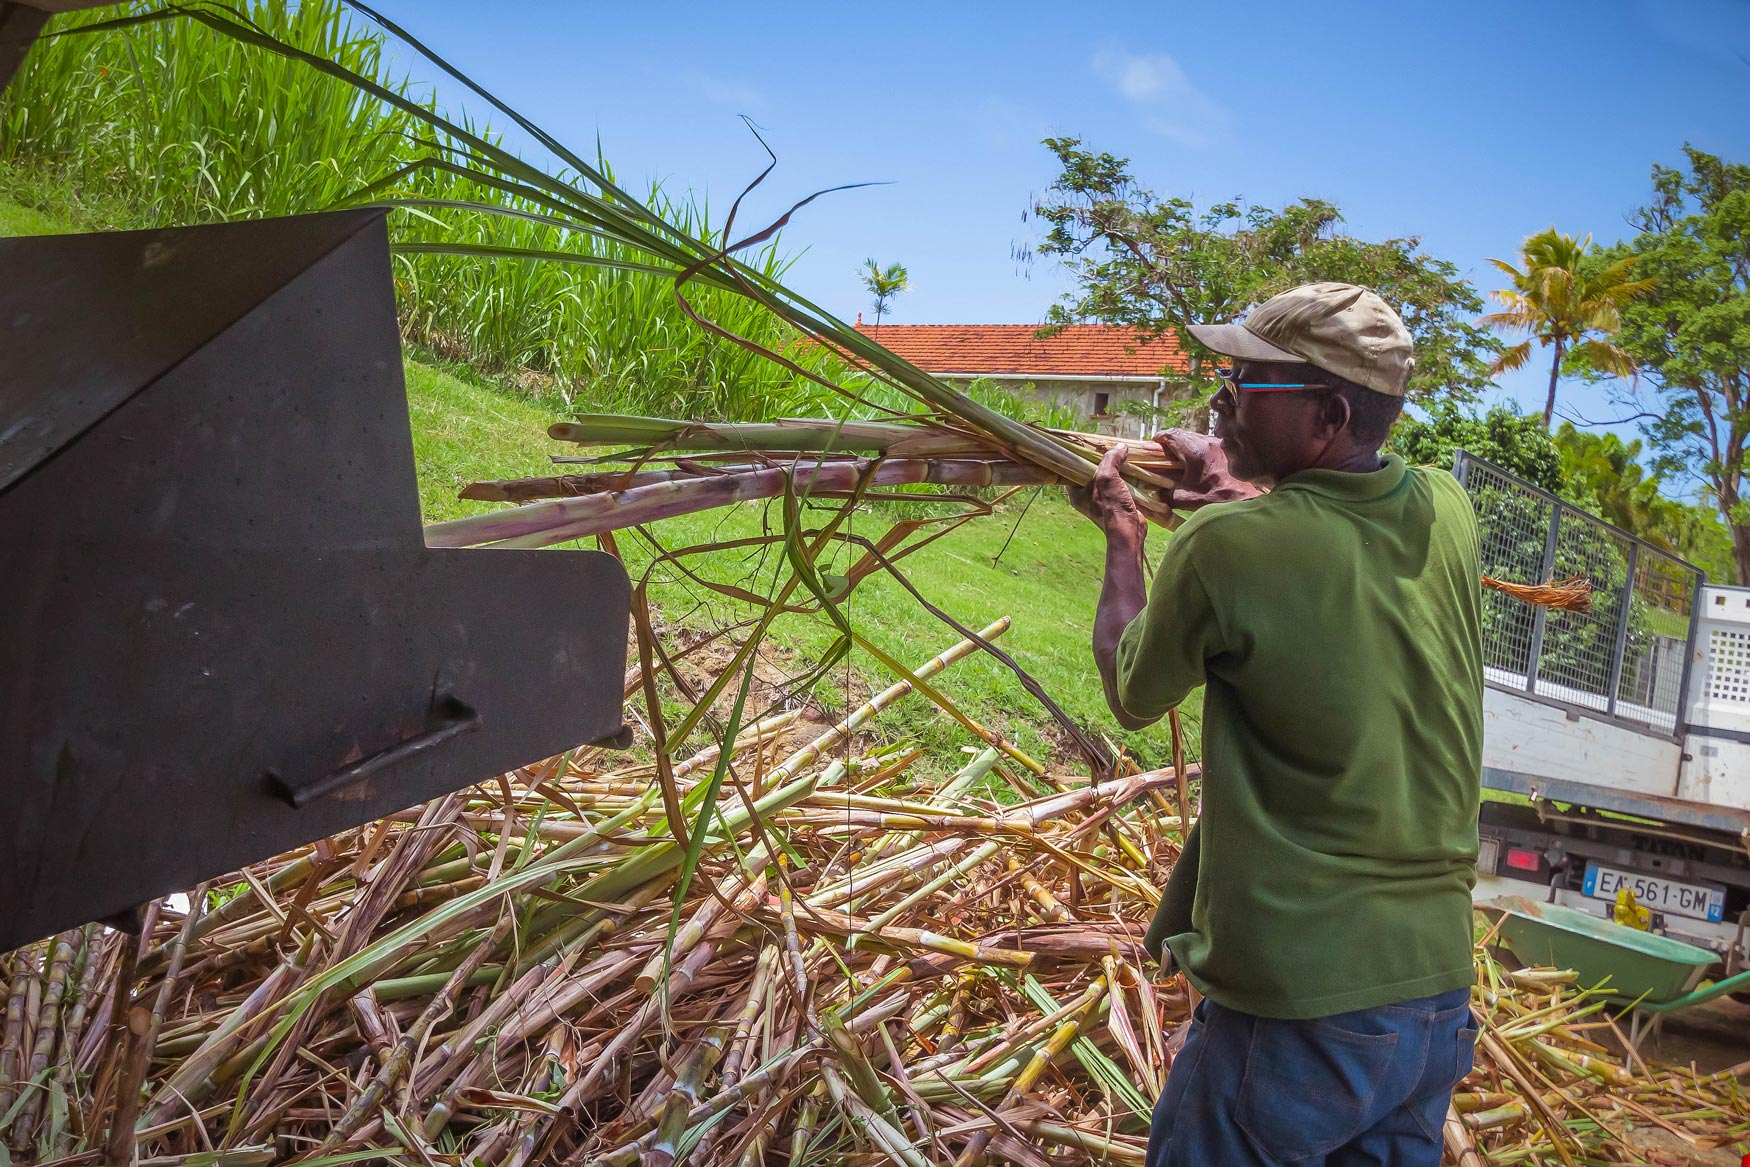 martinique, habitation du simon : broyage de la canne à sucre